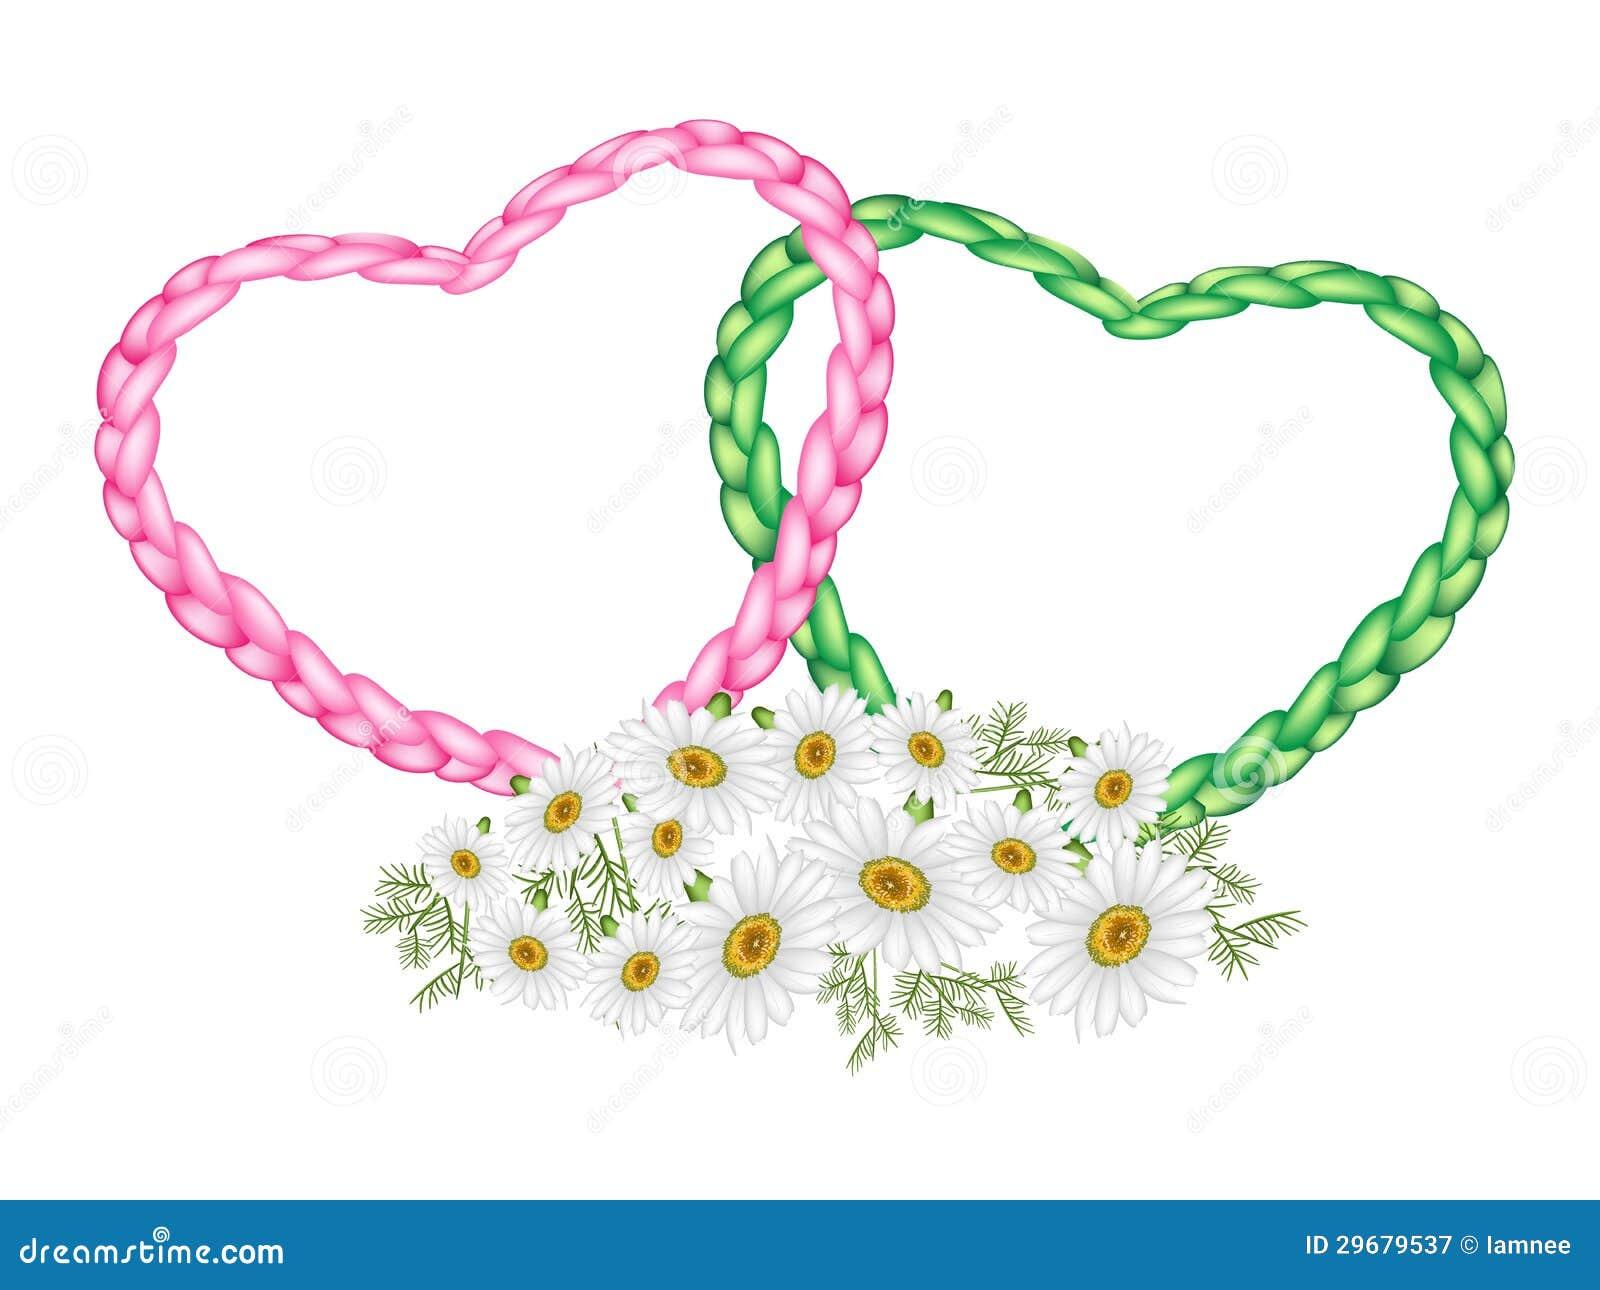 Coeur de deux cordes avec une fleur de marguerite blanche photographie stock libre de droits - Coeur avec des photos ...